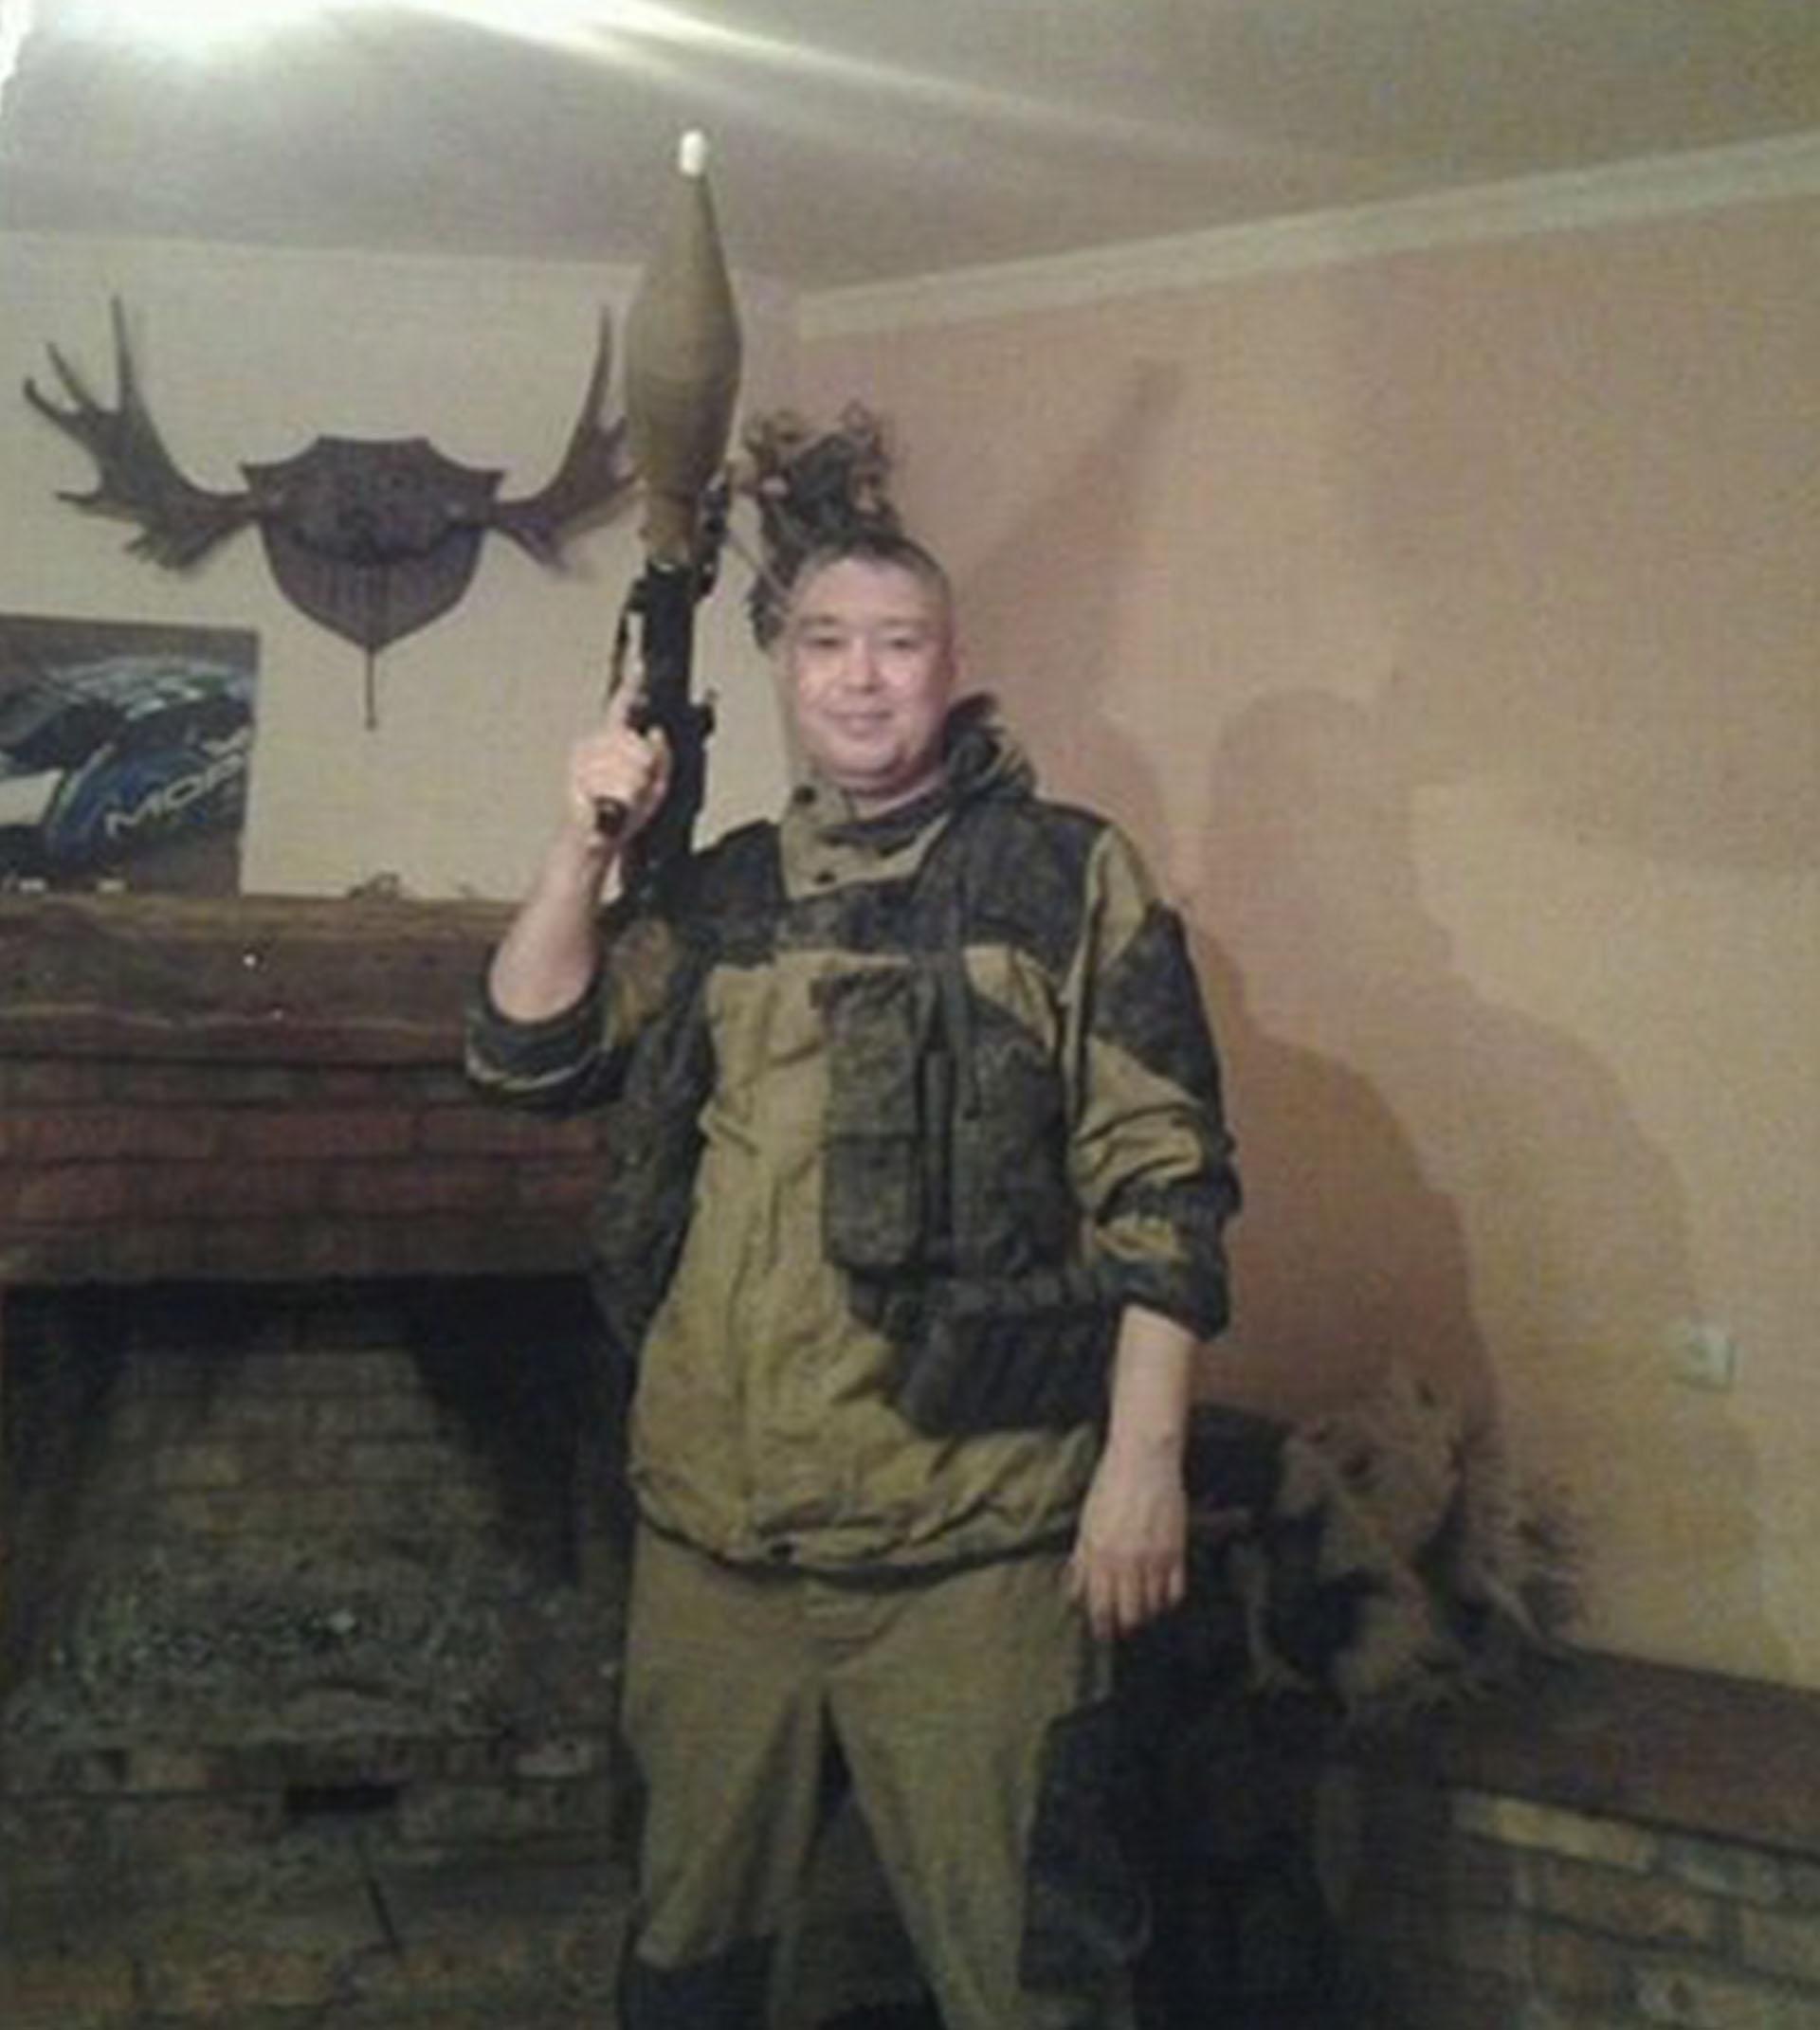 Igor Kosoturov en una foto tomada en Ucrania, donde también fue contratado como mercenario